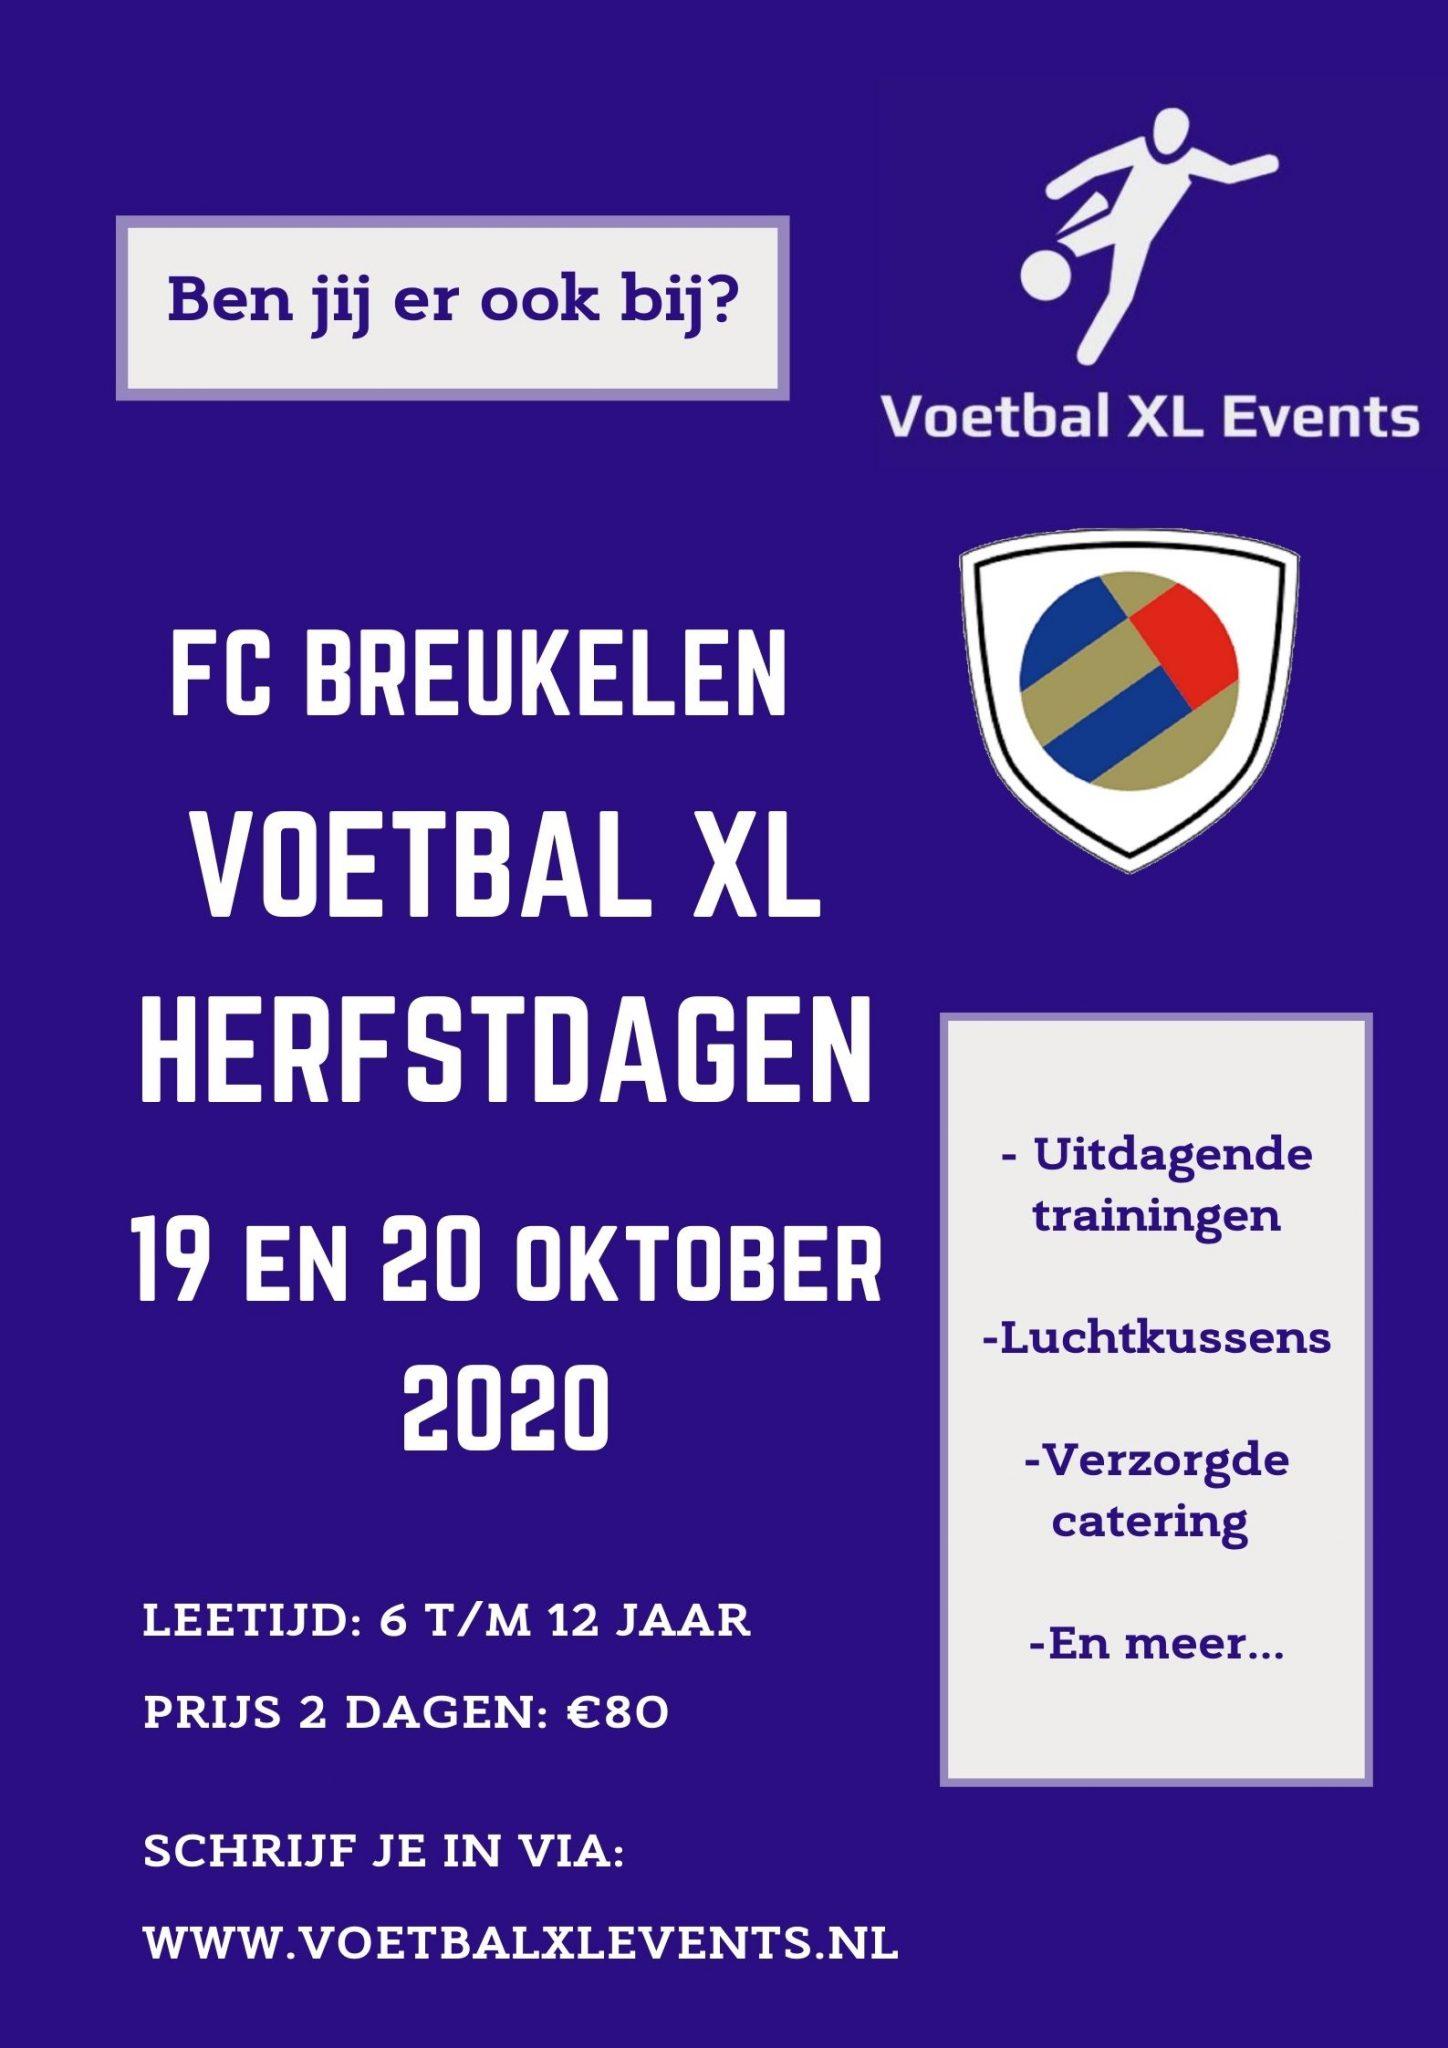 Voetbaldagen bij FC Breukelen 19 & 20 oktober